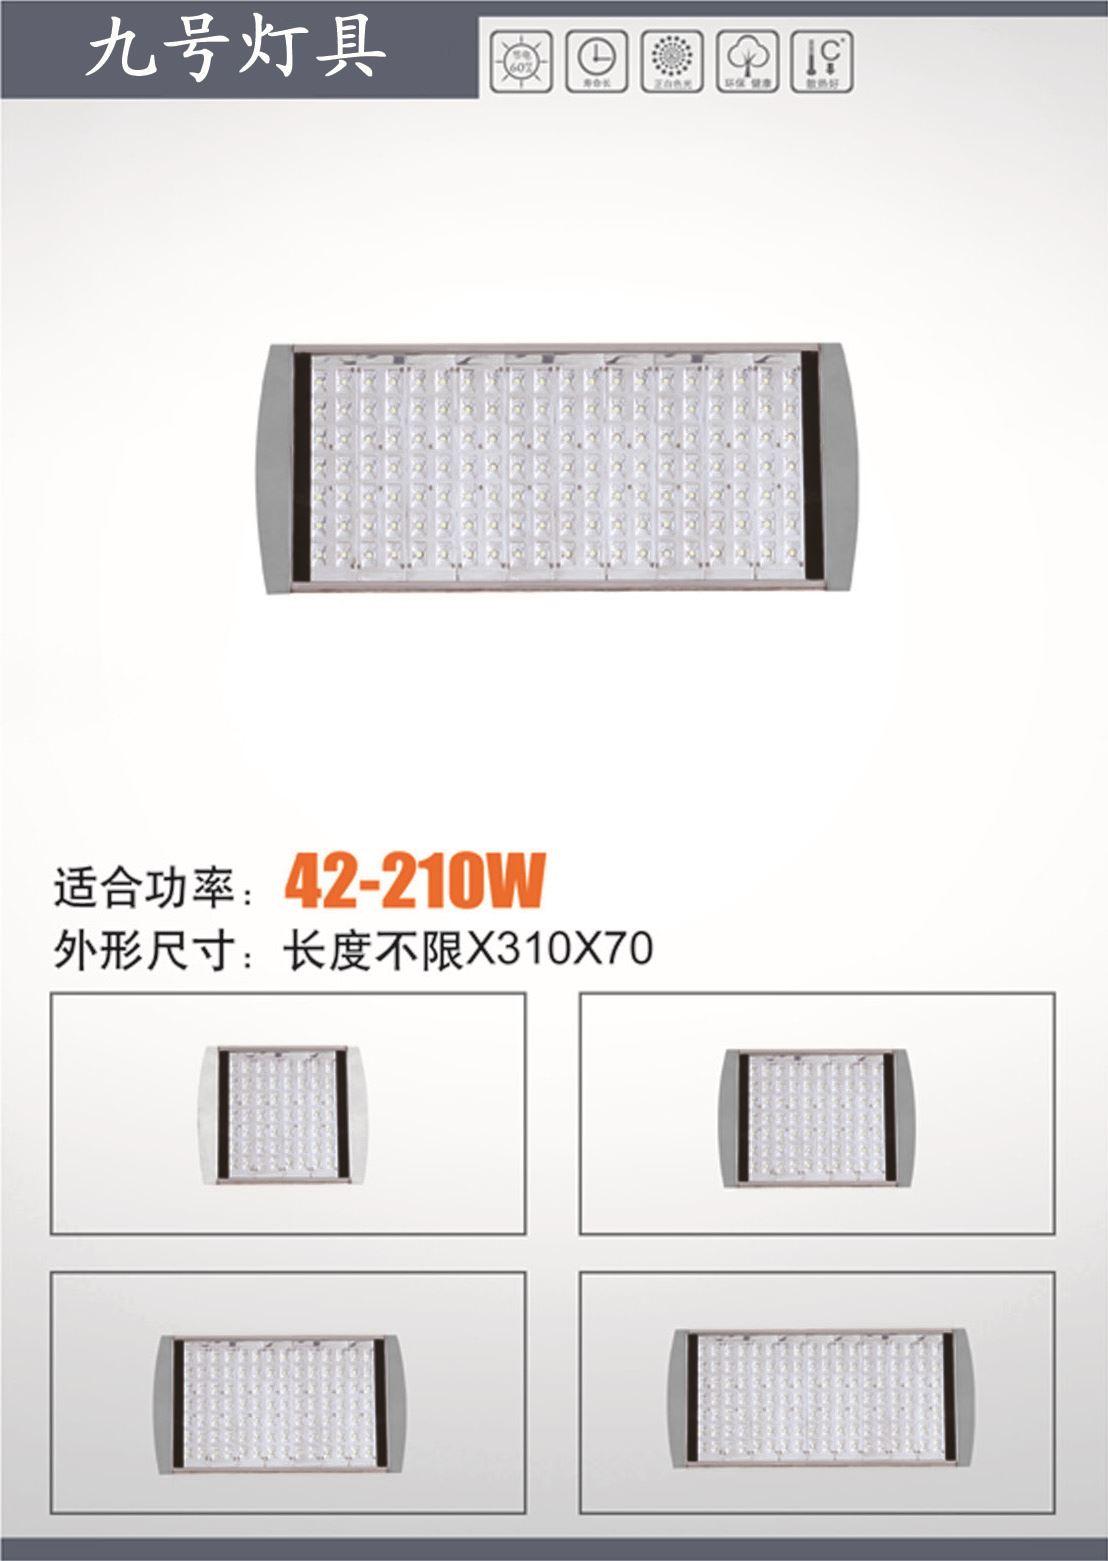 LED灯具系列010